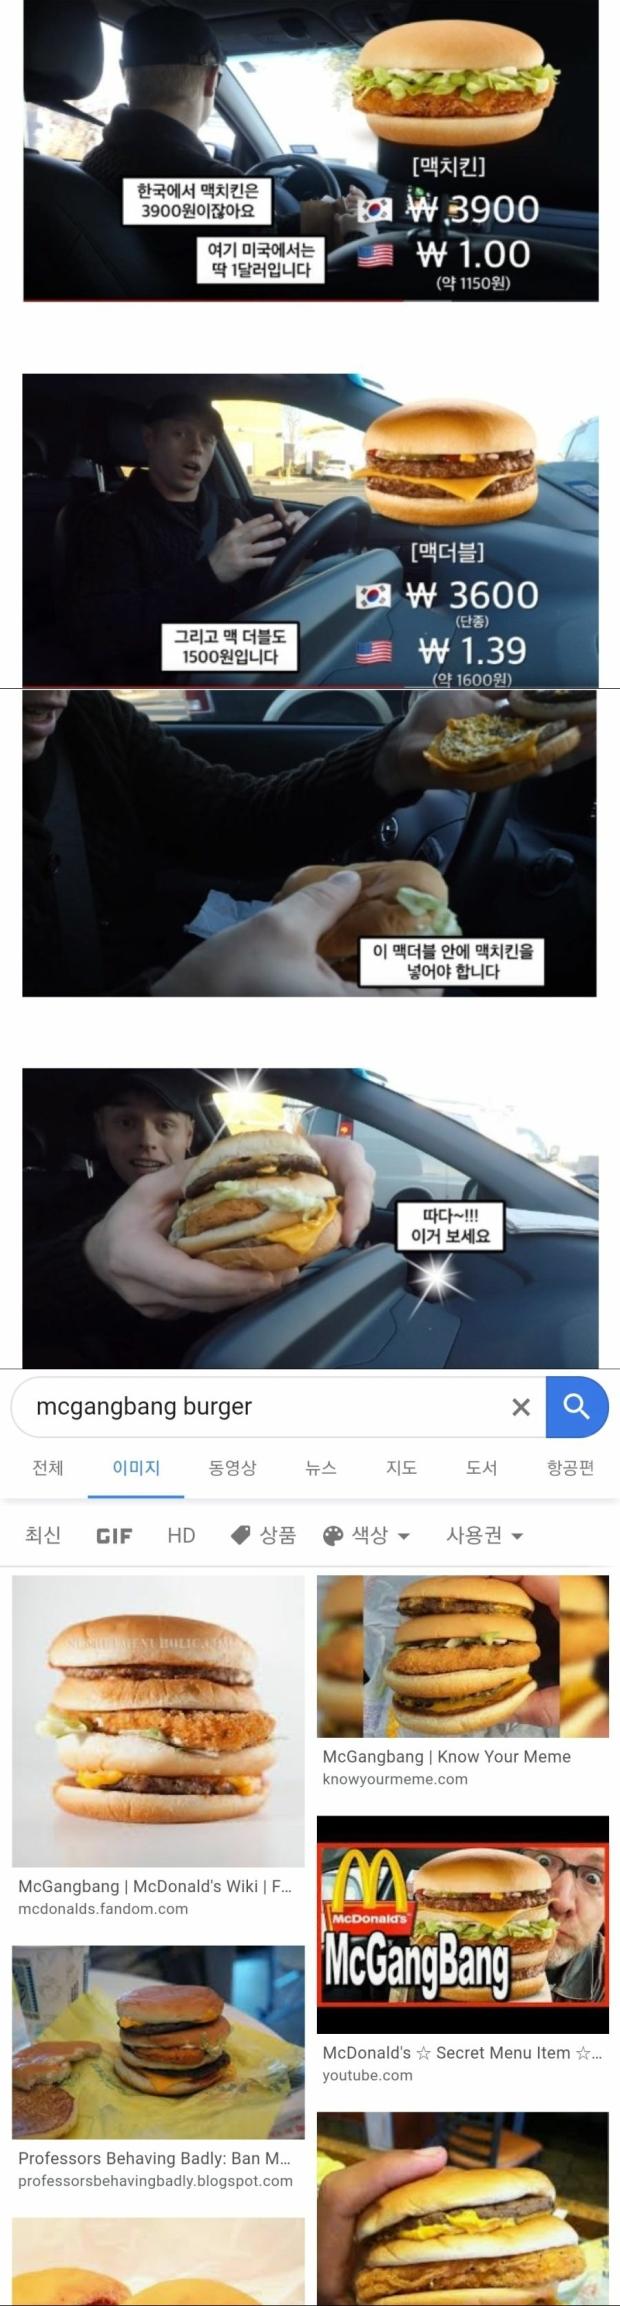 미국 맥도날드 조립법